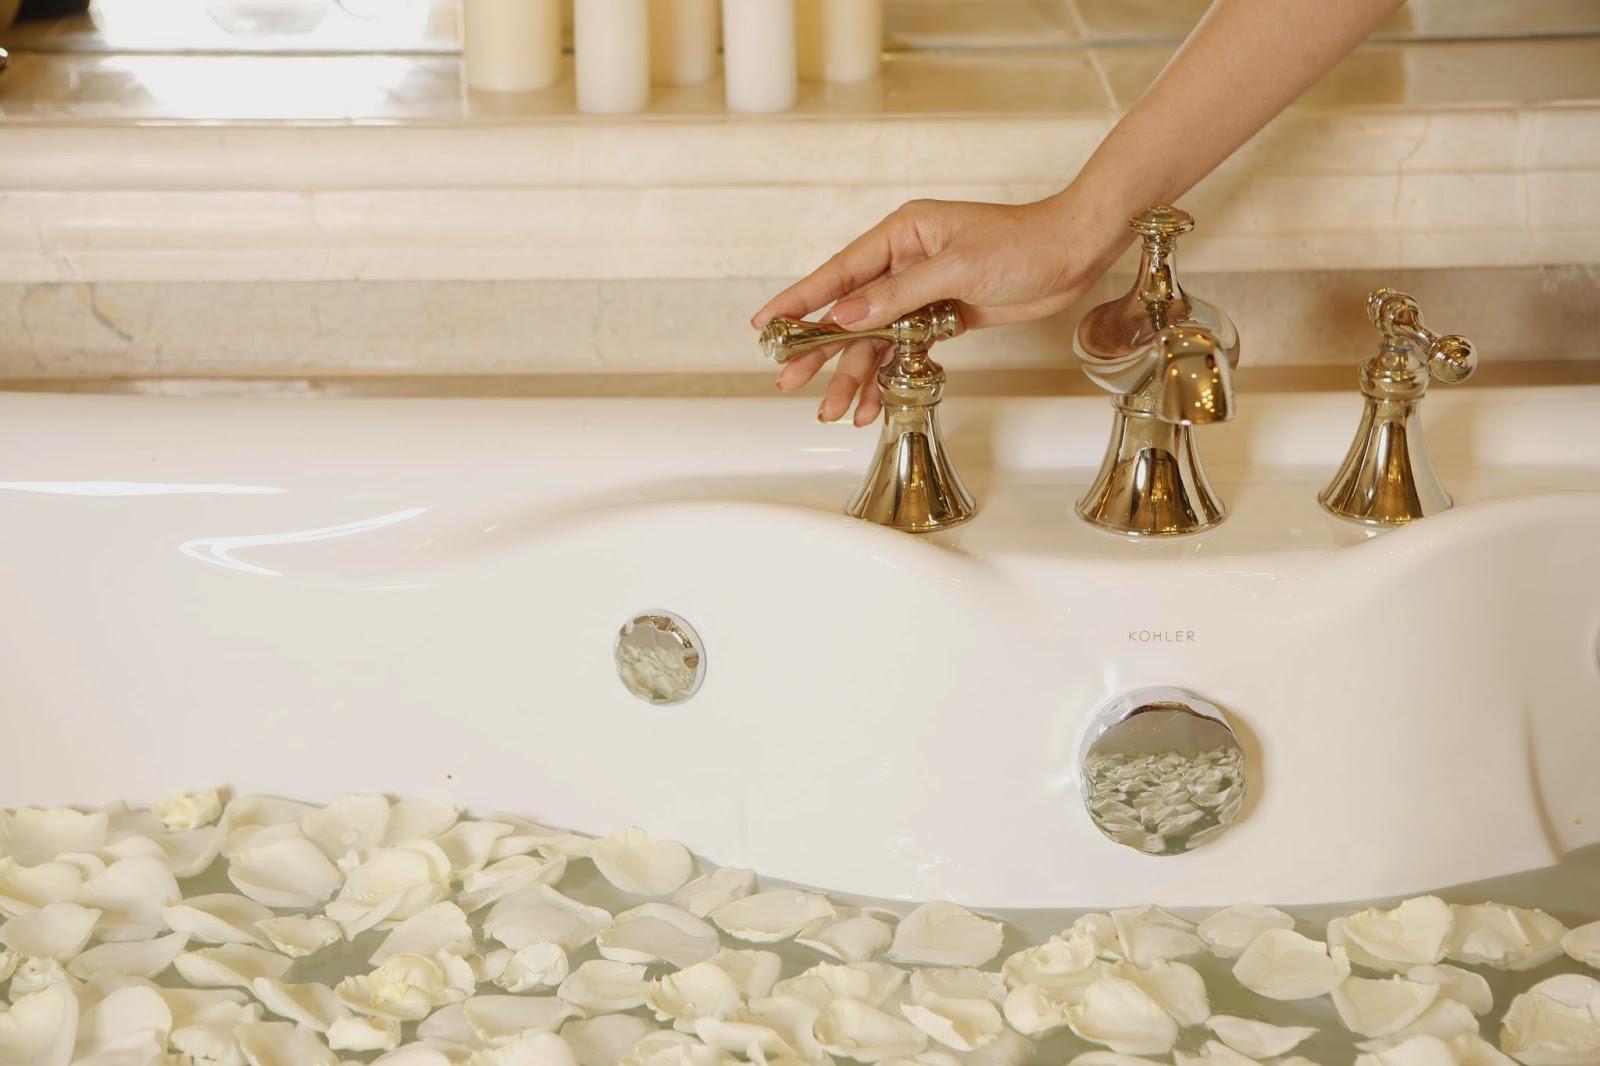 Trải nghiệm đẳng cấp cùng bồn tắm massage bong bóng khí Kohler